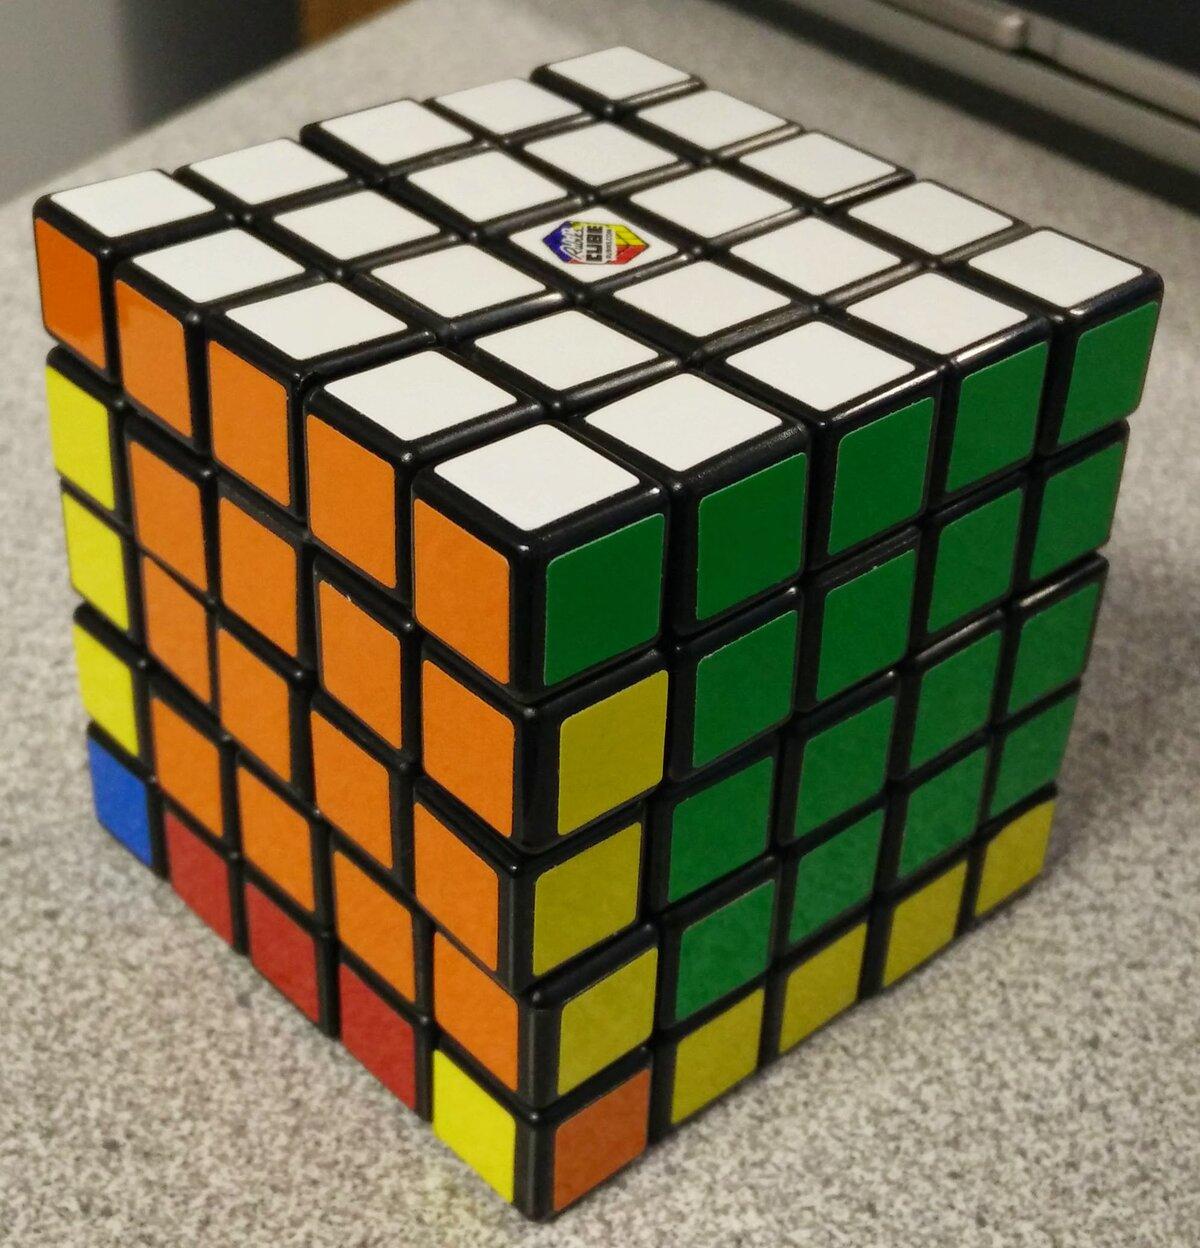 гуси правильная расцветка кубика рубика картинки откровенном фотоснимке, который